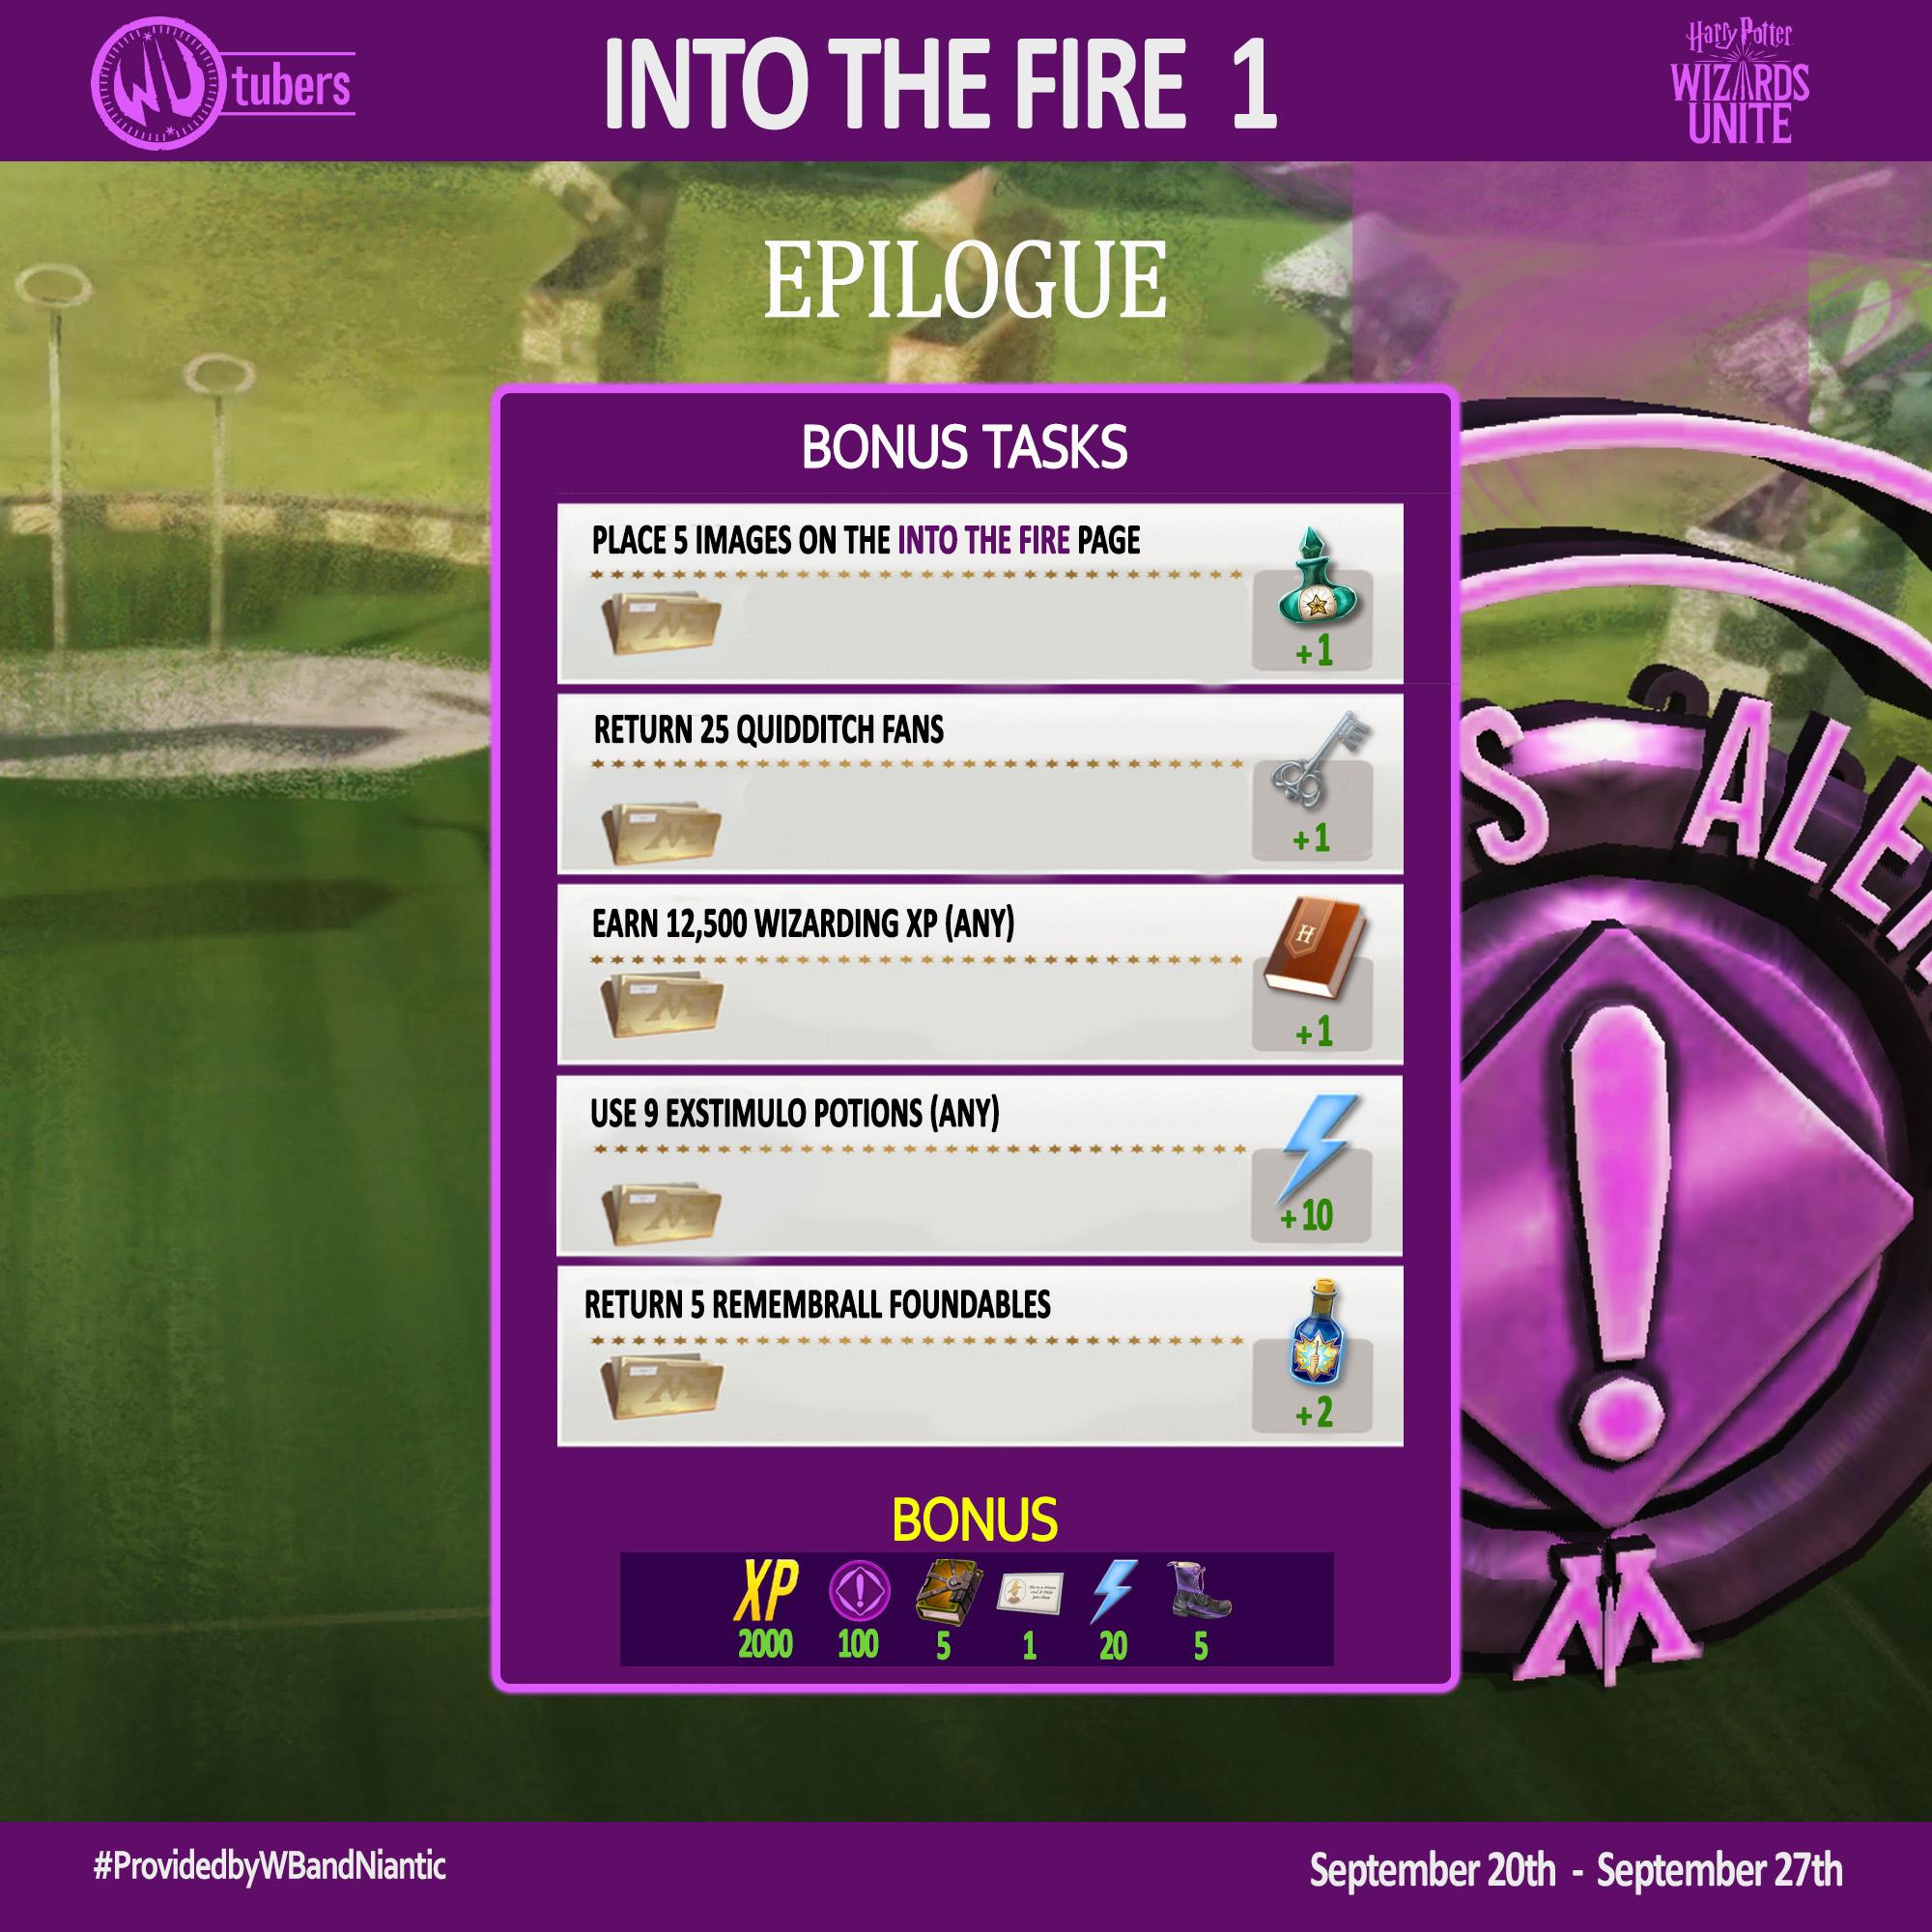 ITF_1_Tasks_Bonus.jpg